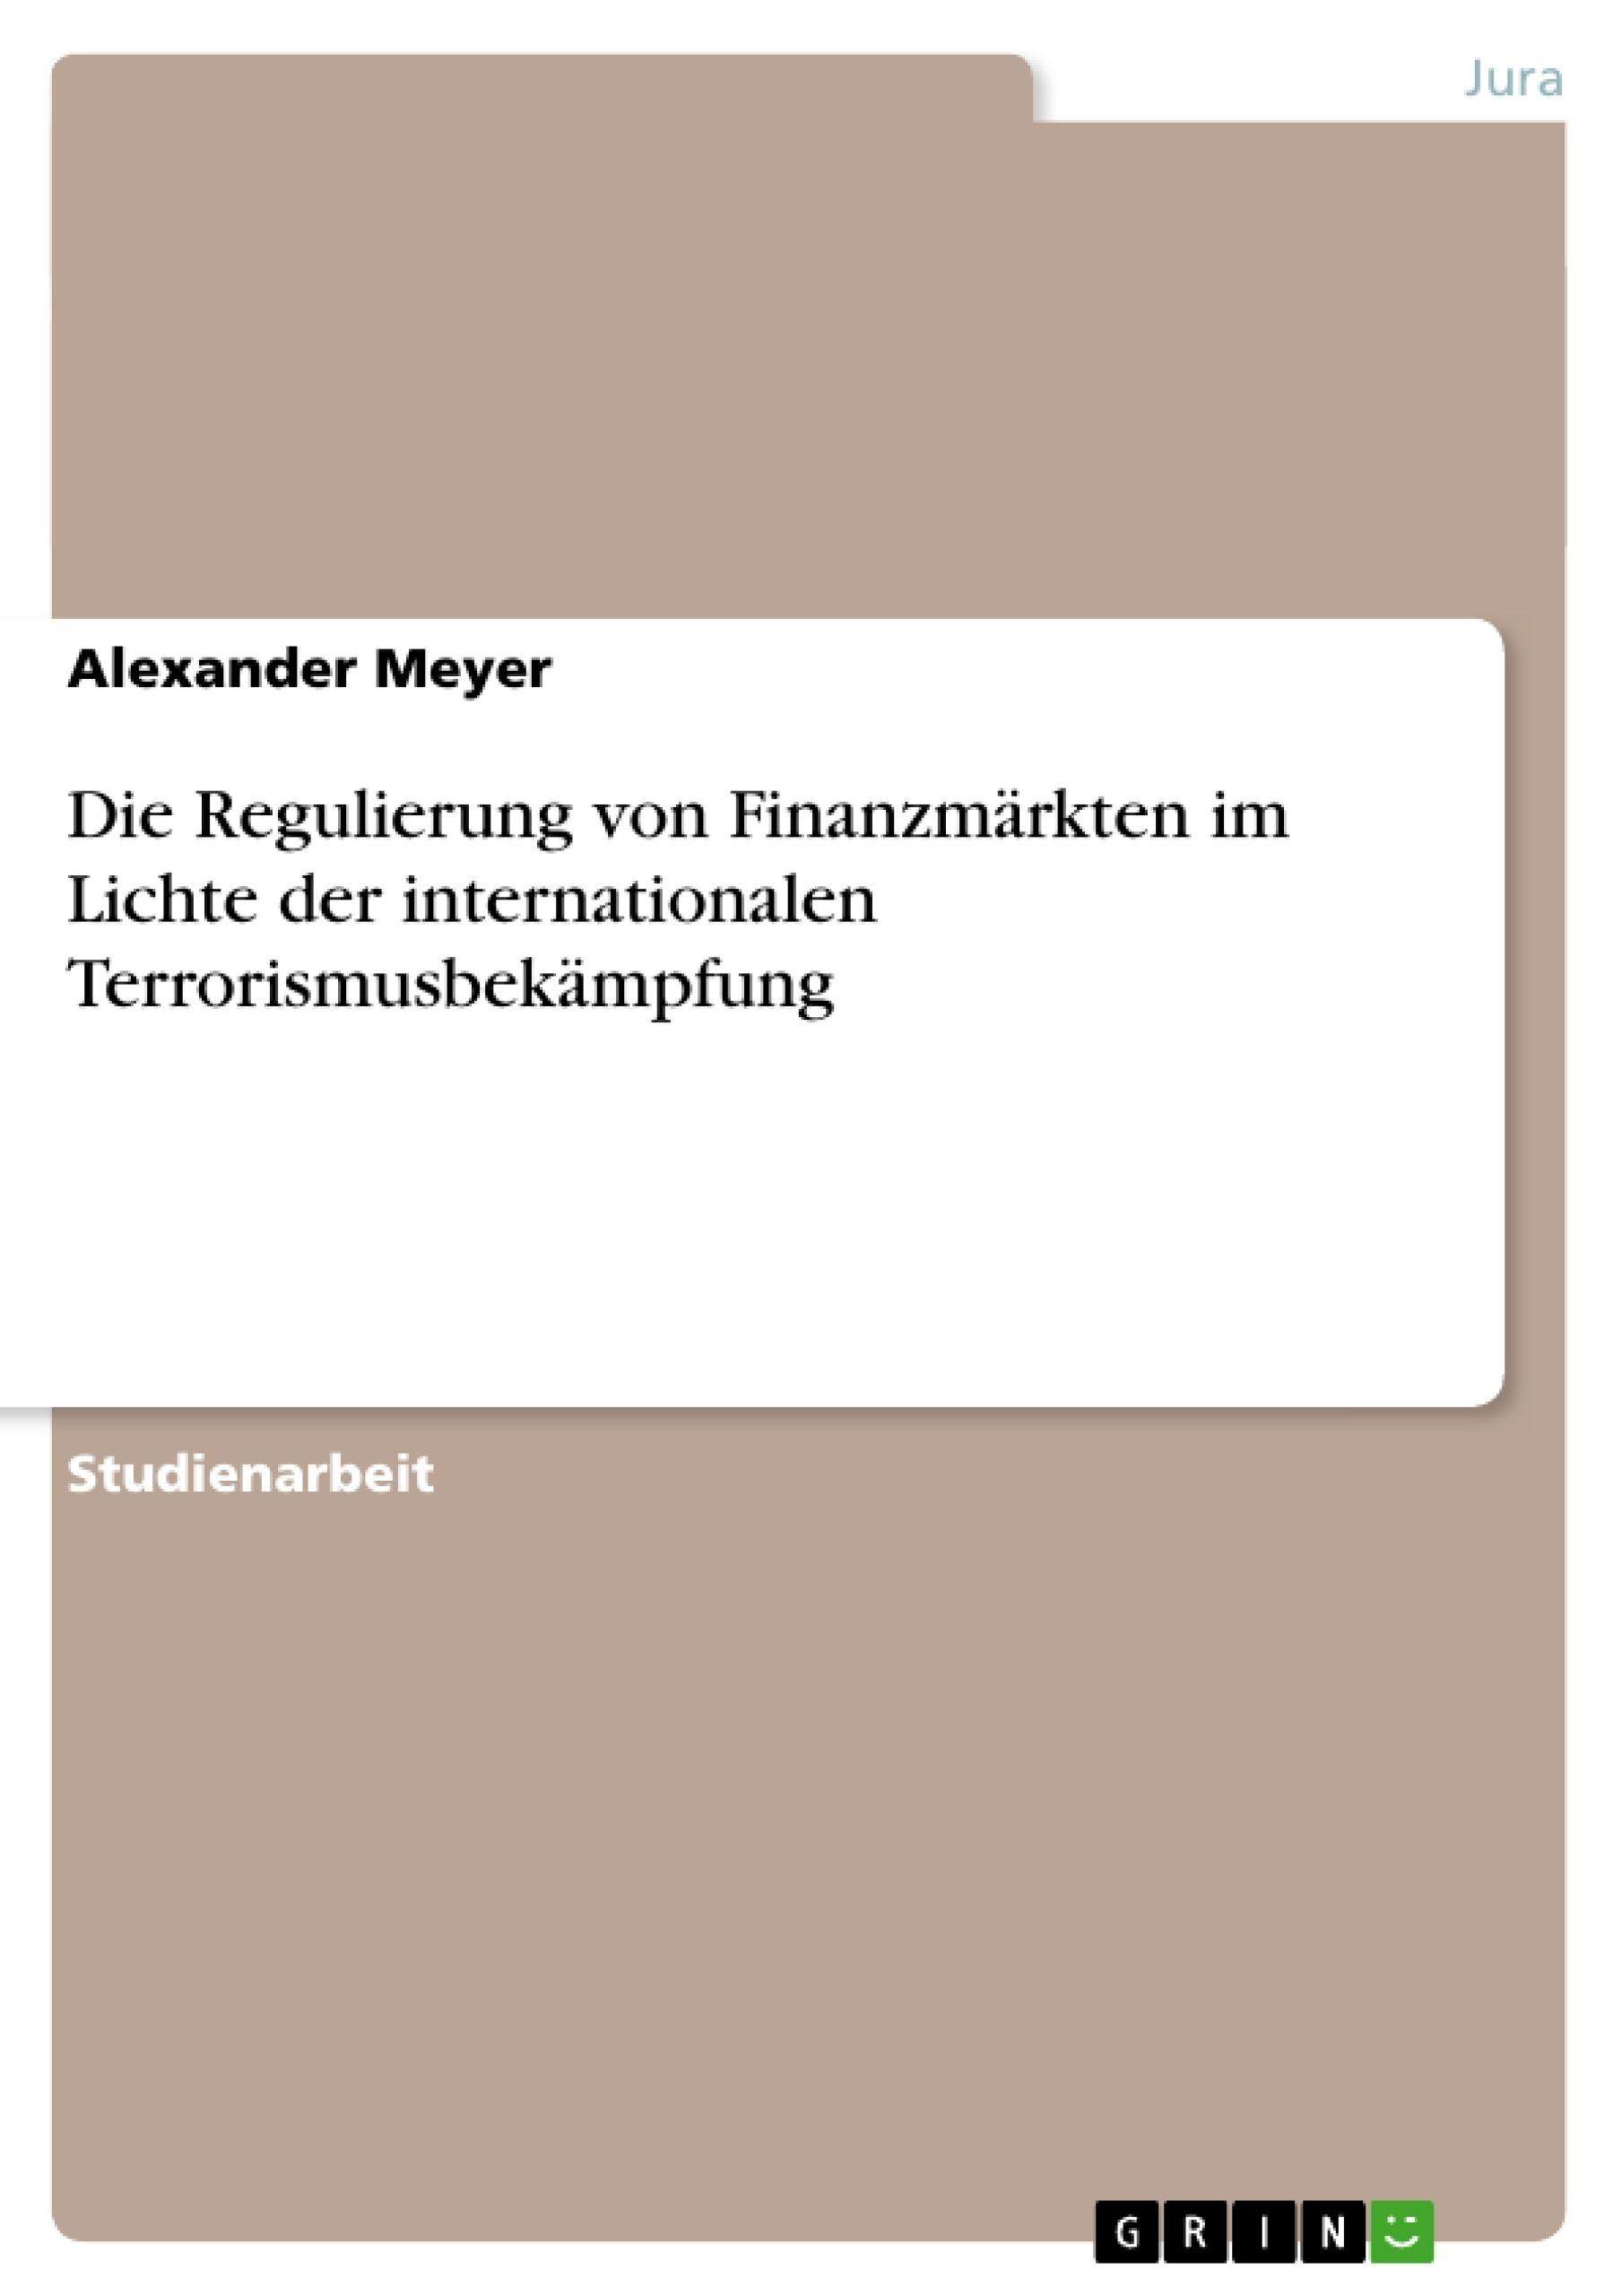 Titel: Die Regulierung von Finanzmärkten im Lichte der internationalen Terrorismusbekämpfung